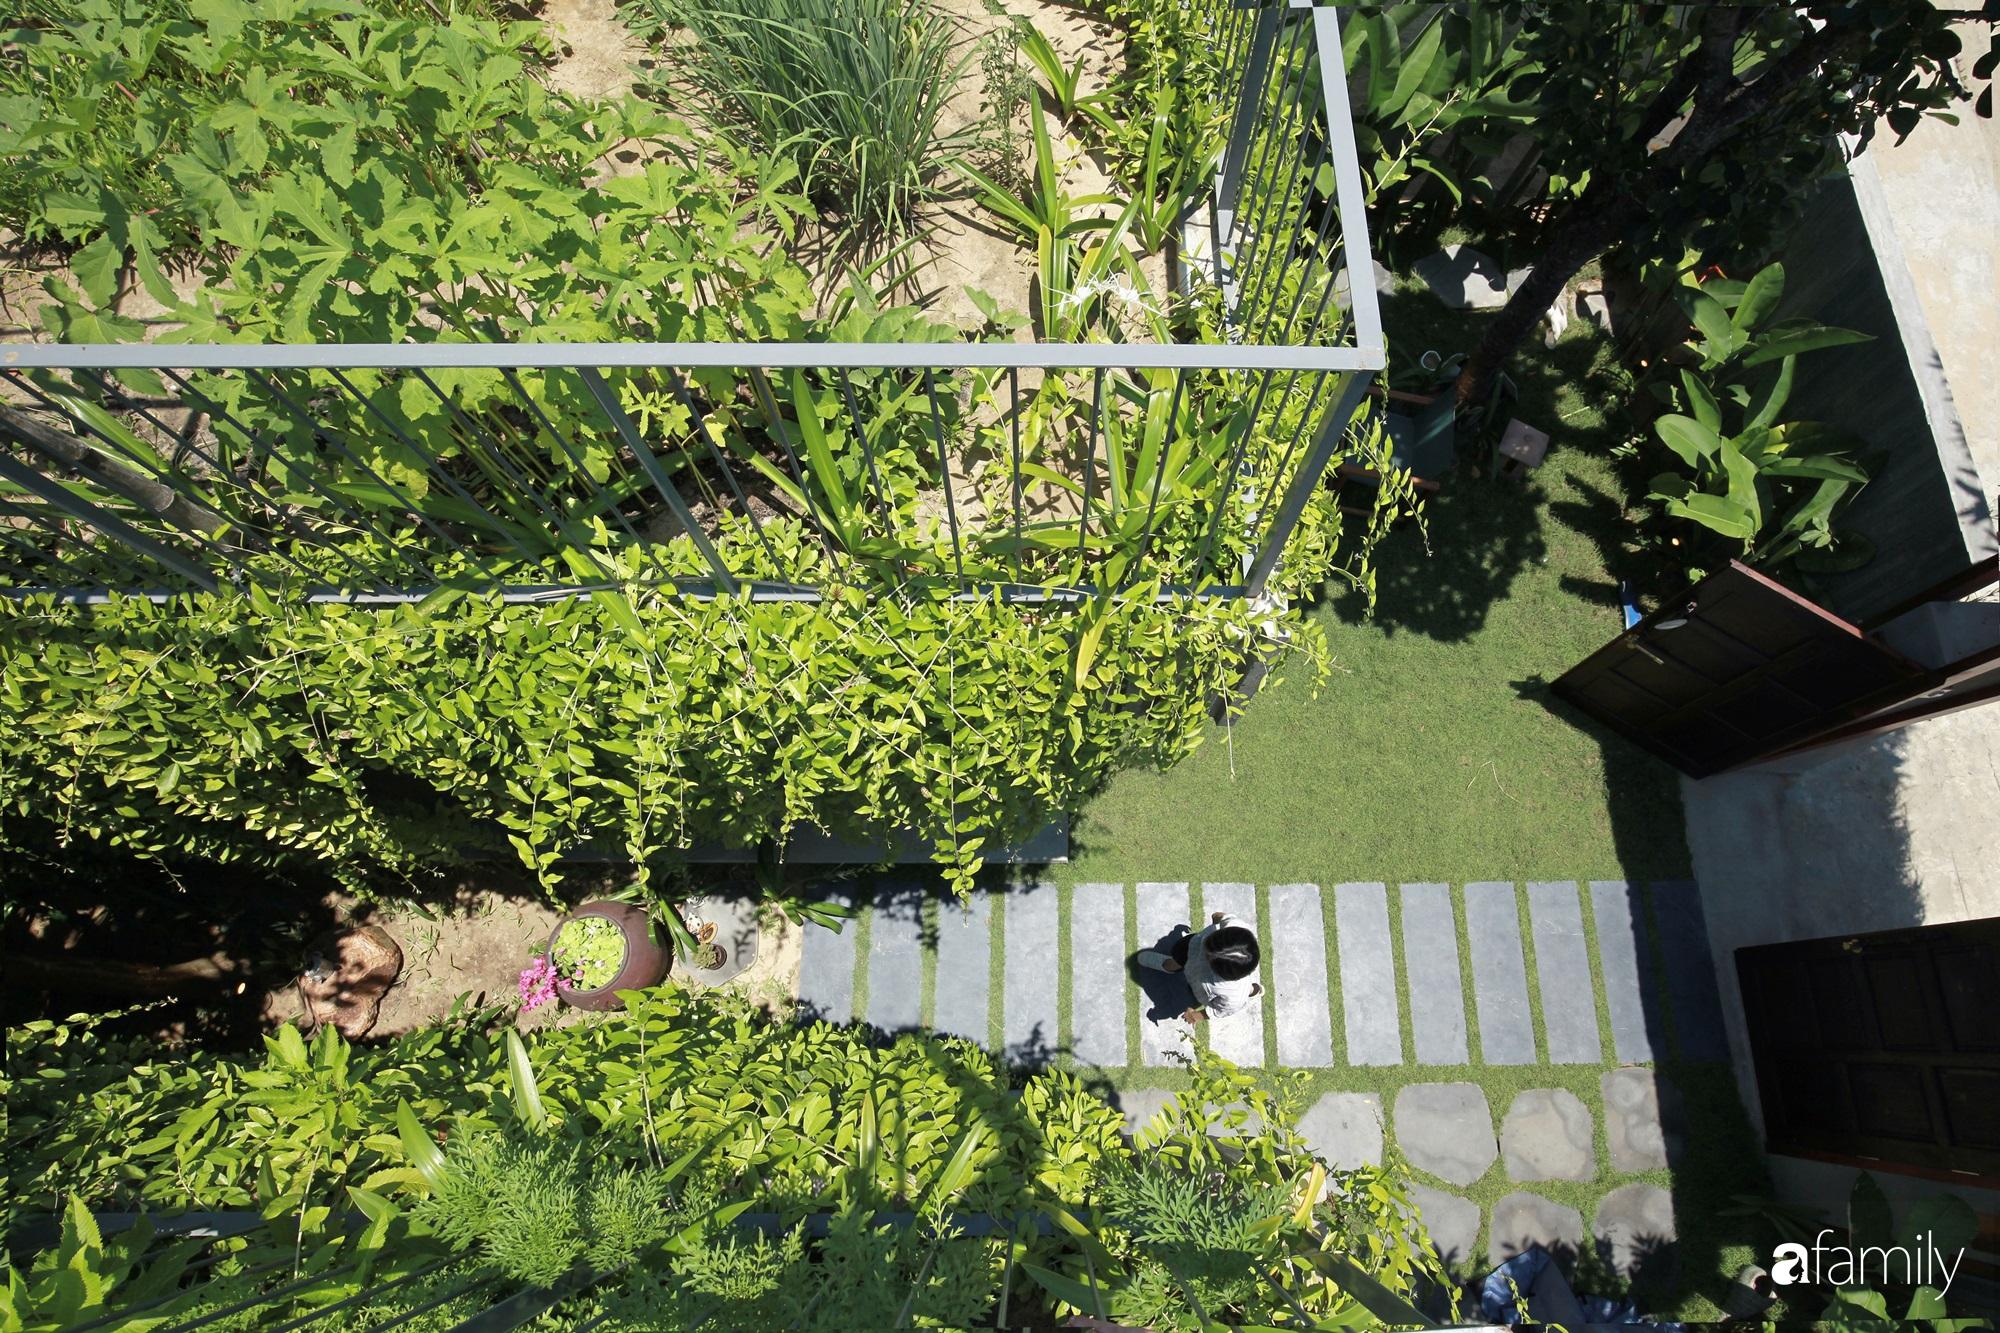 Nhà vườn mái tranh rộng 200m² với đủ tiện nghi hiện đại nổi bật giữa phố thị Hội An có chi phí xây dựng 2,1 tỷ đồng - Ảnh 7.